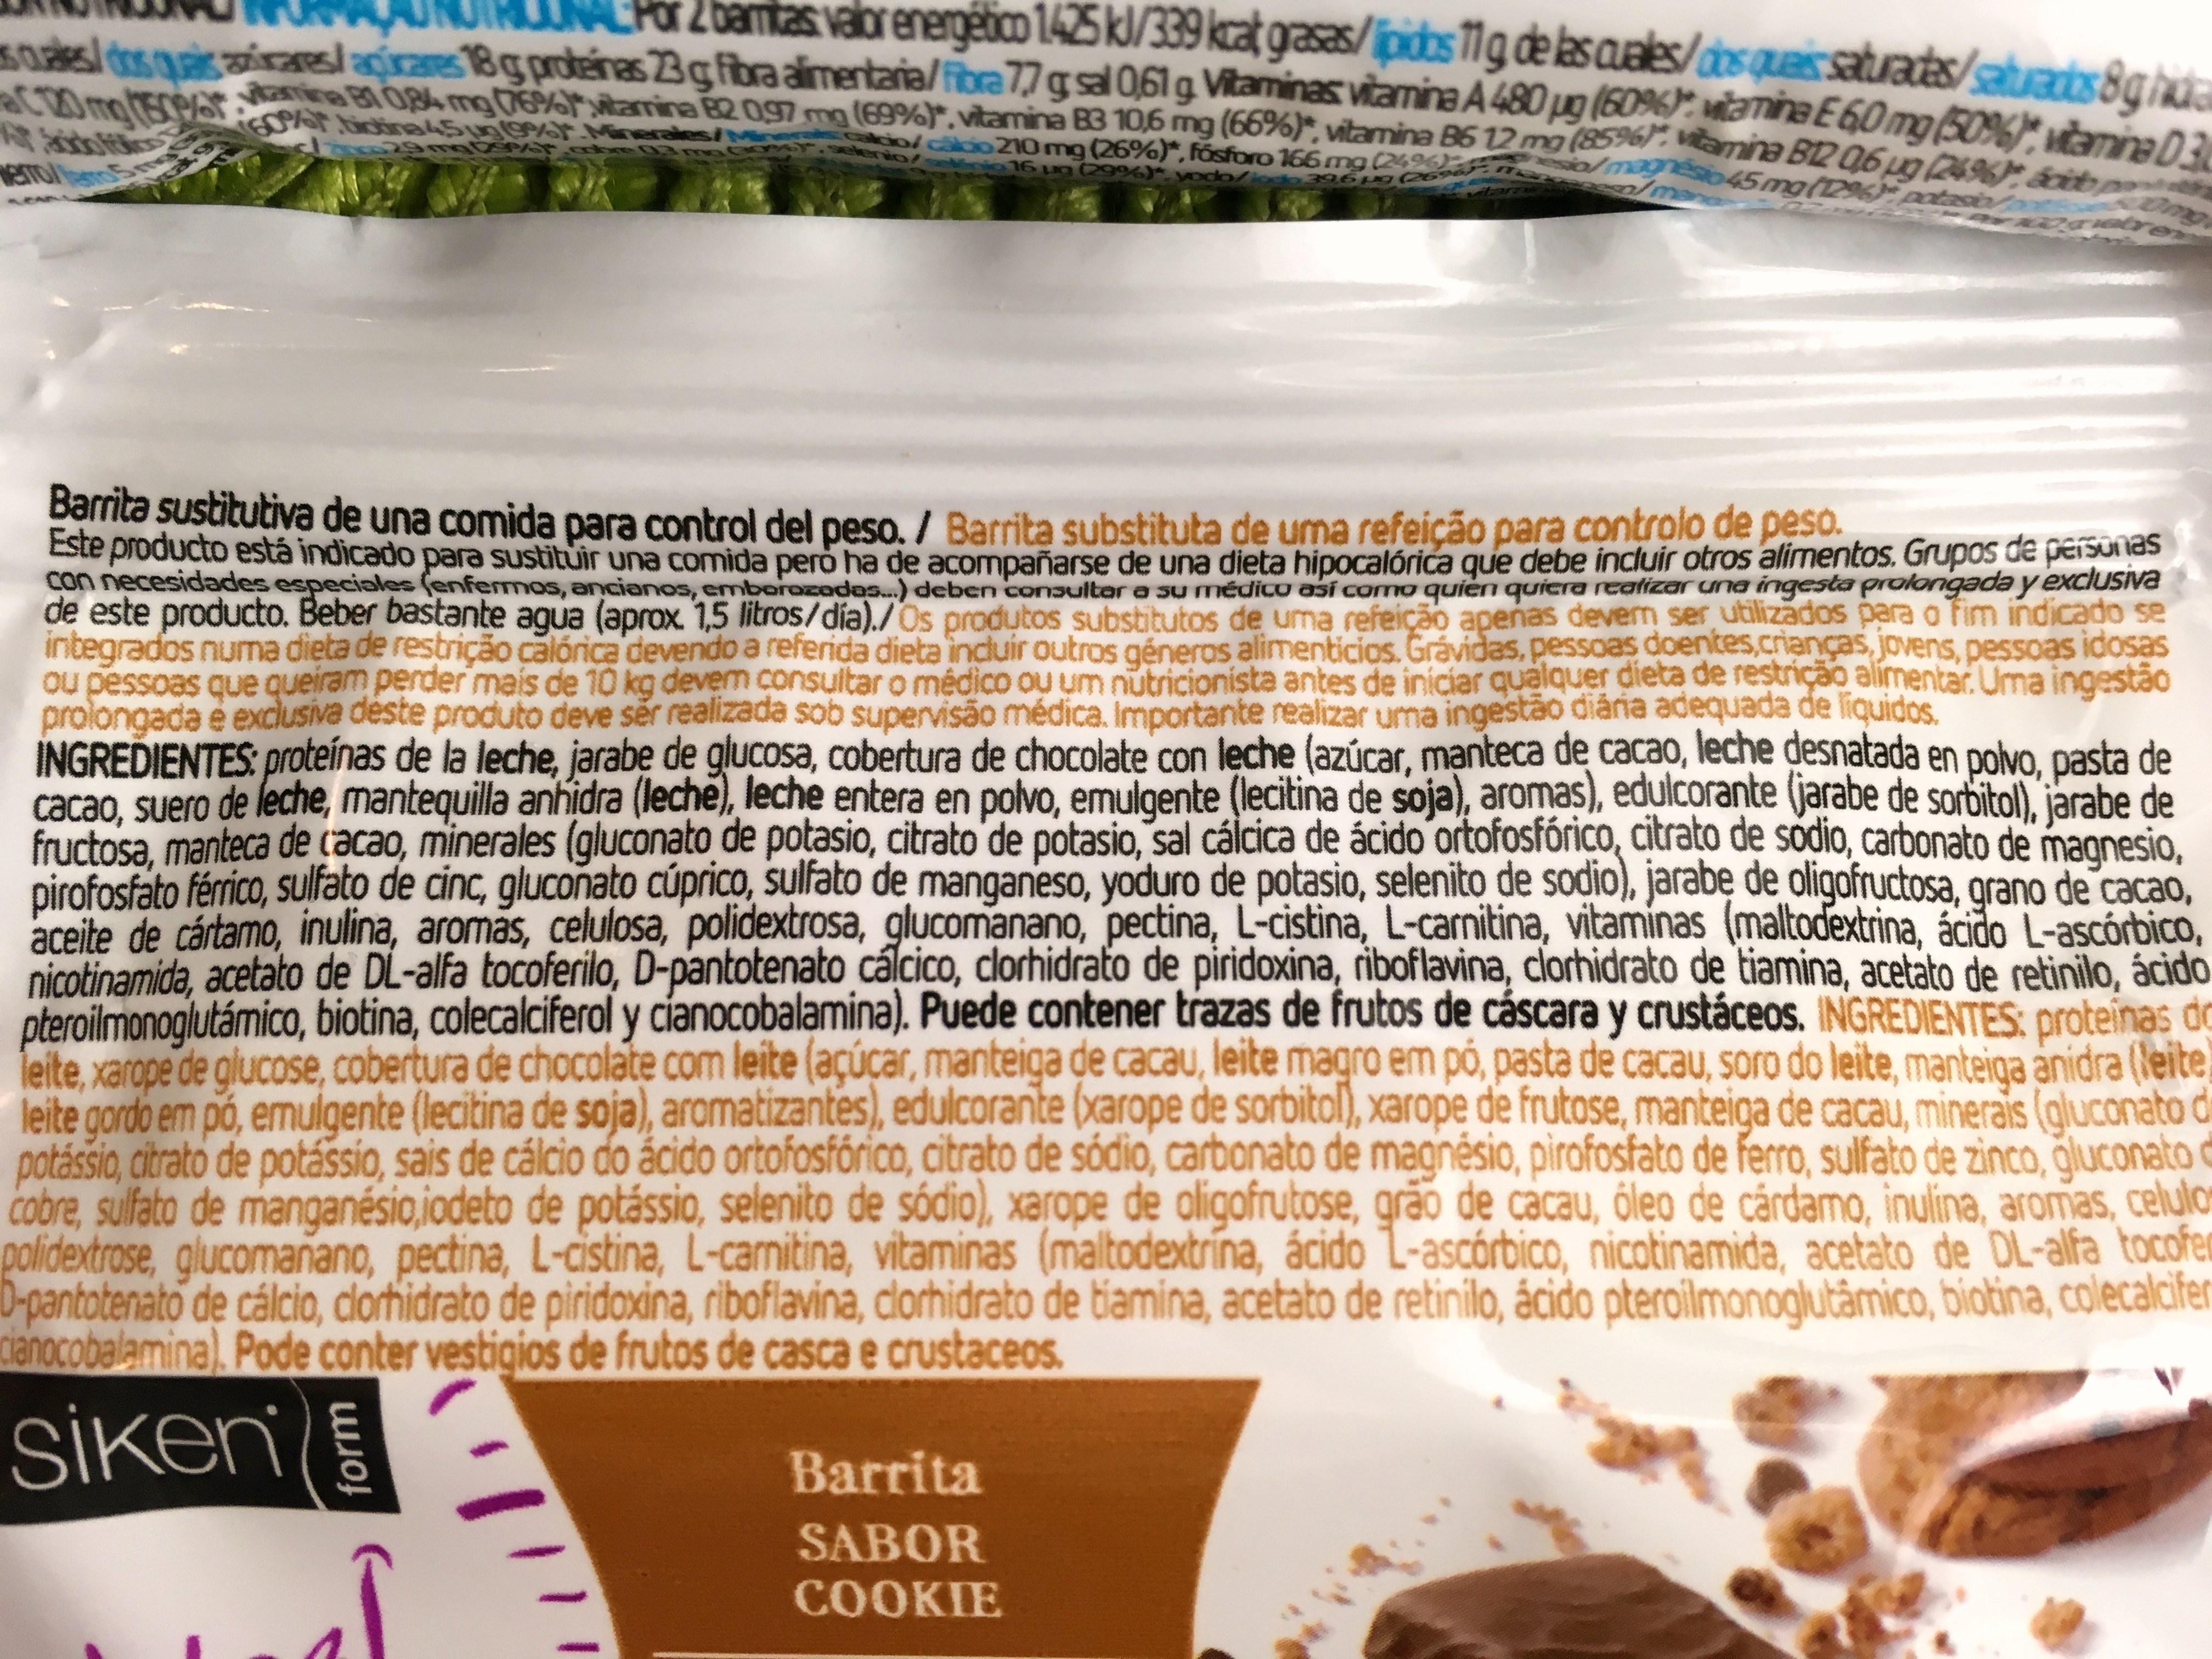 barras de substituição de refeição ingredientes